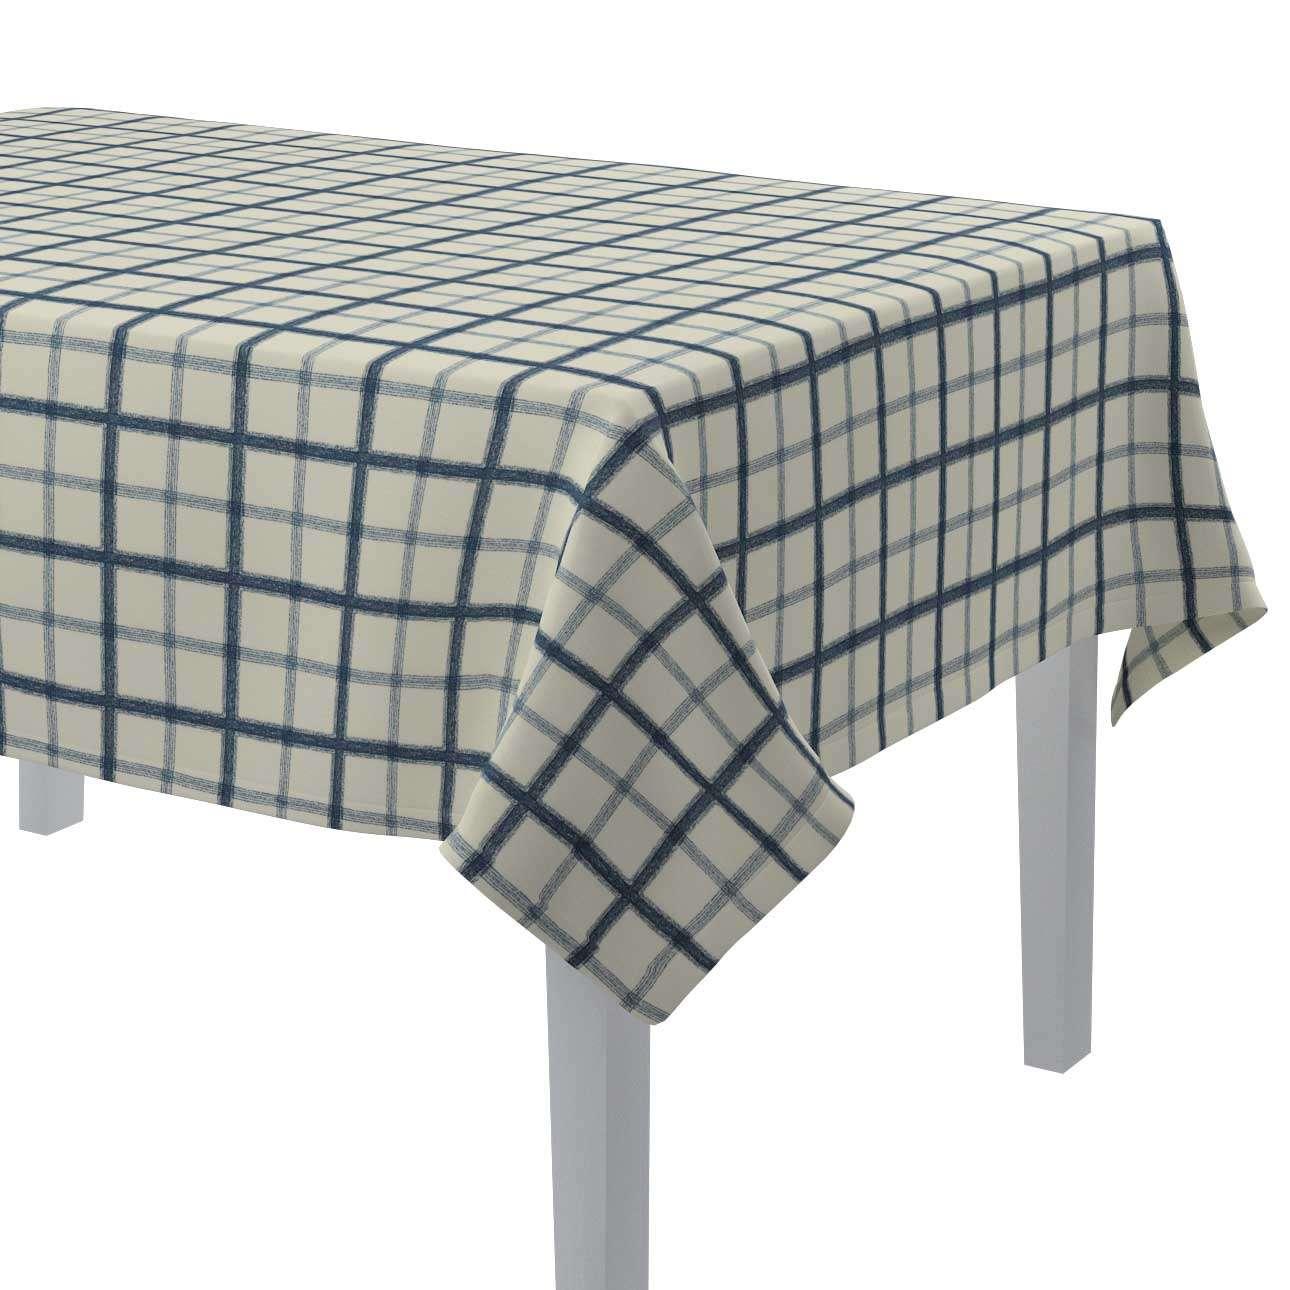 Rektangulære borddug fra kollektionen Avinon, Stof: 131-66